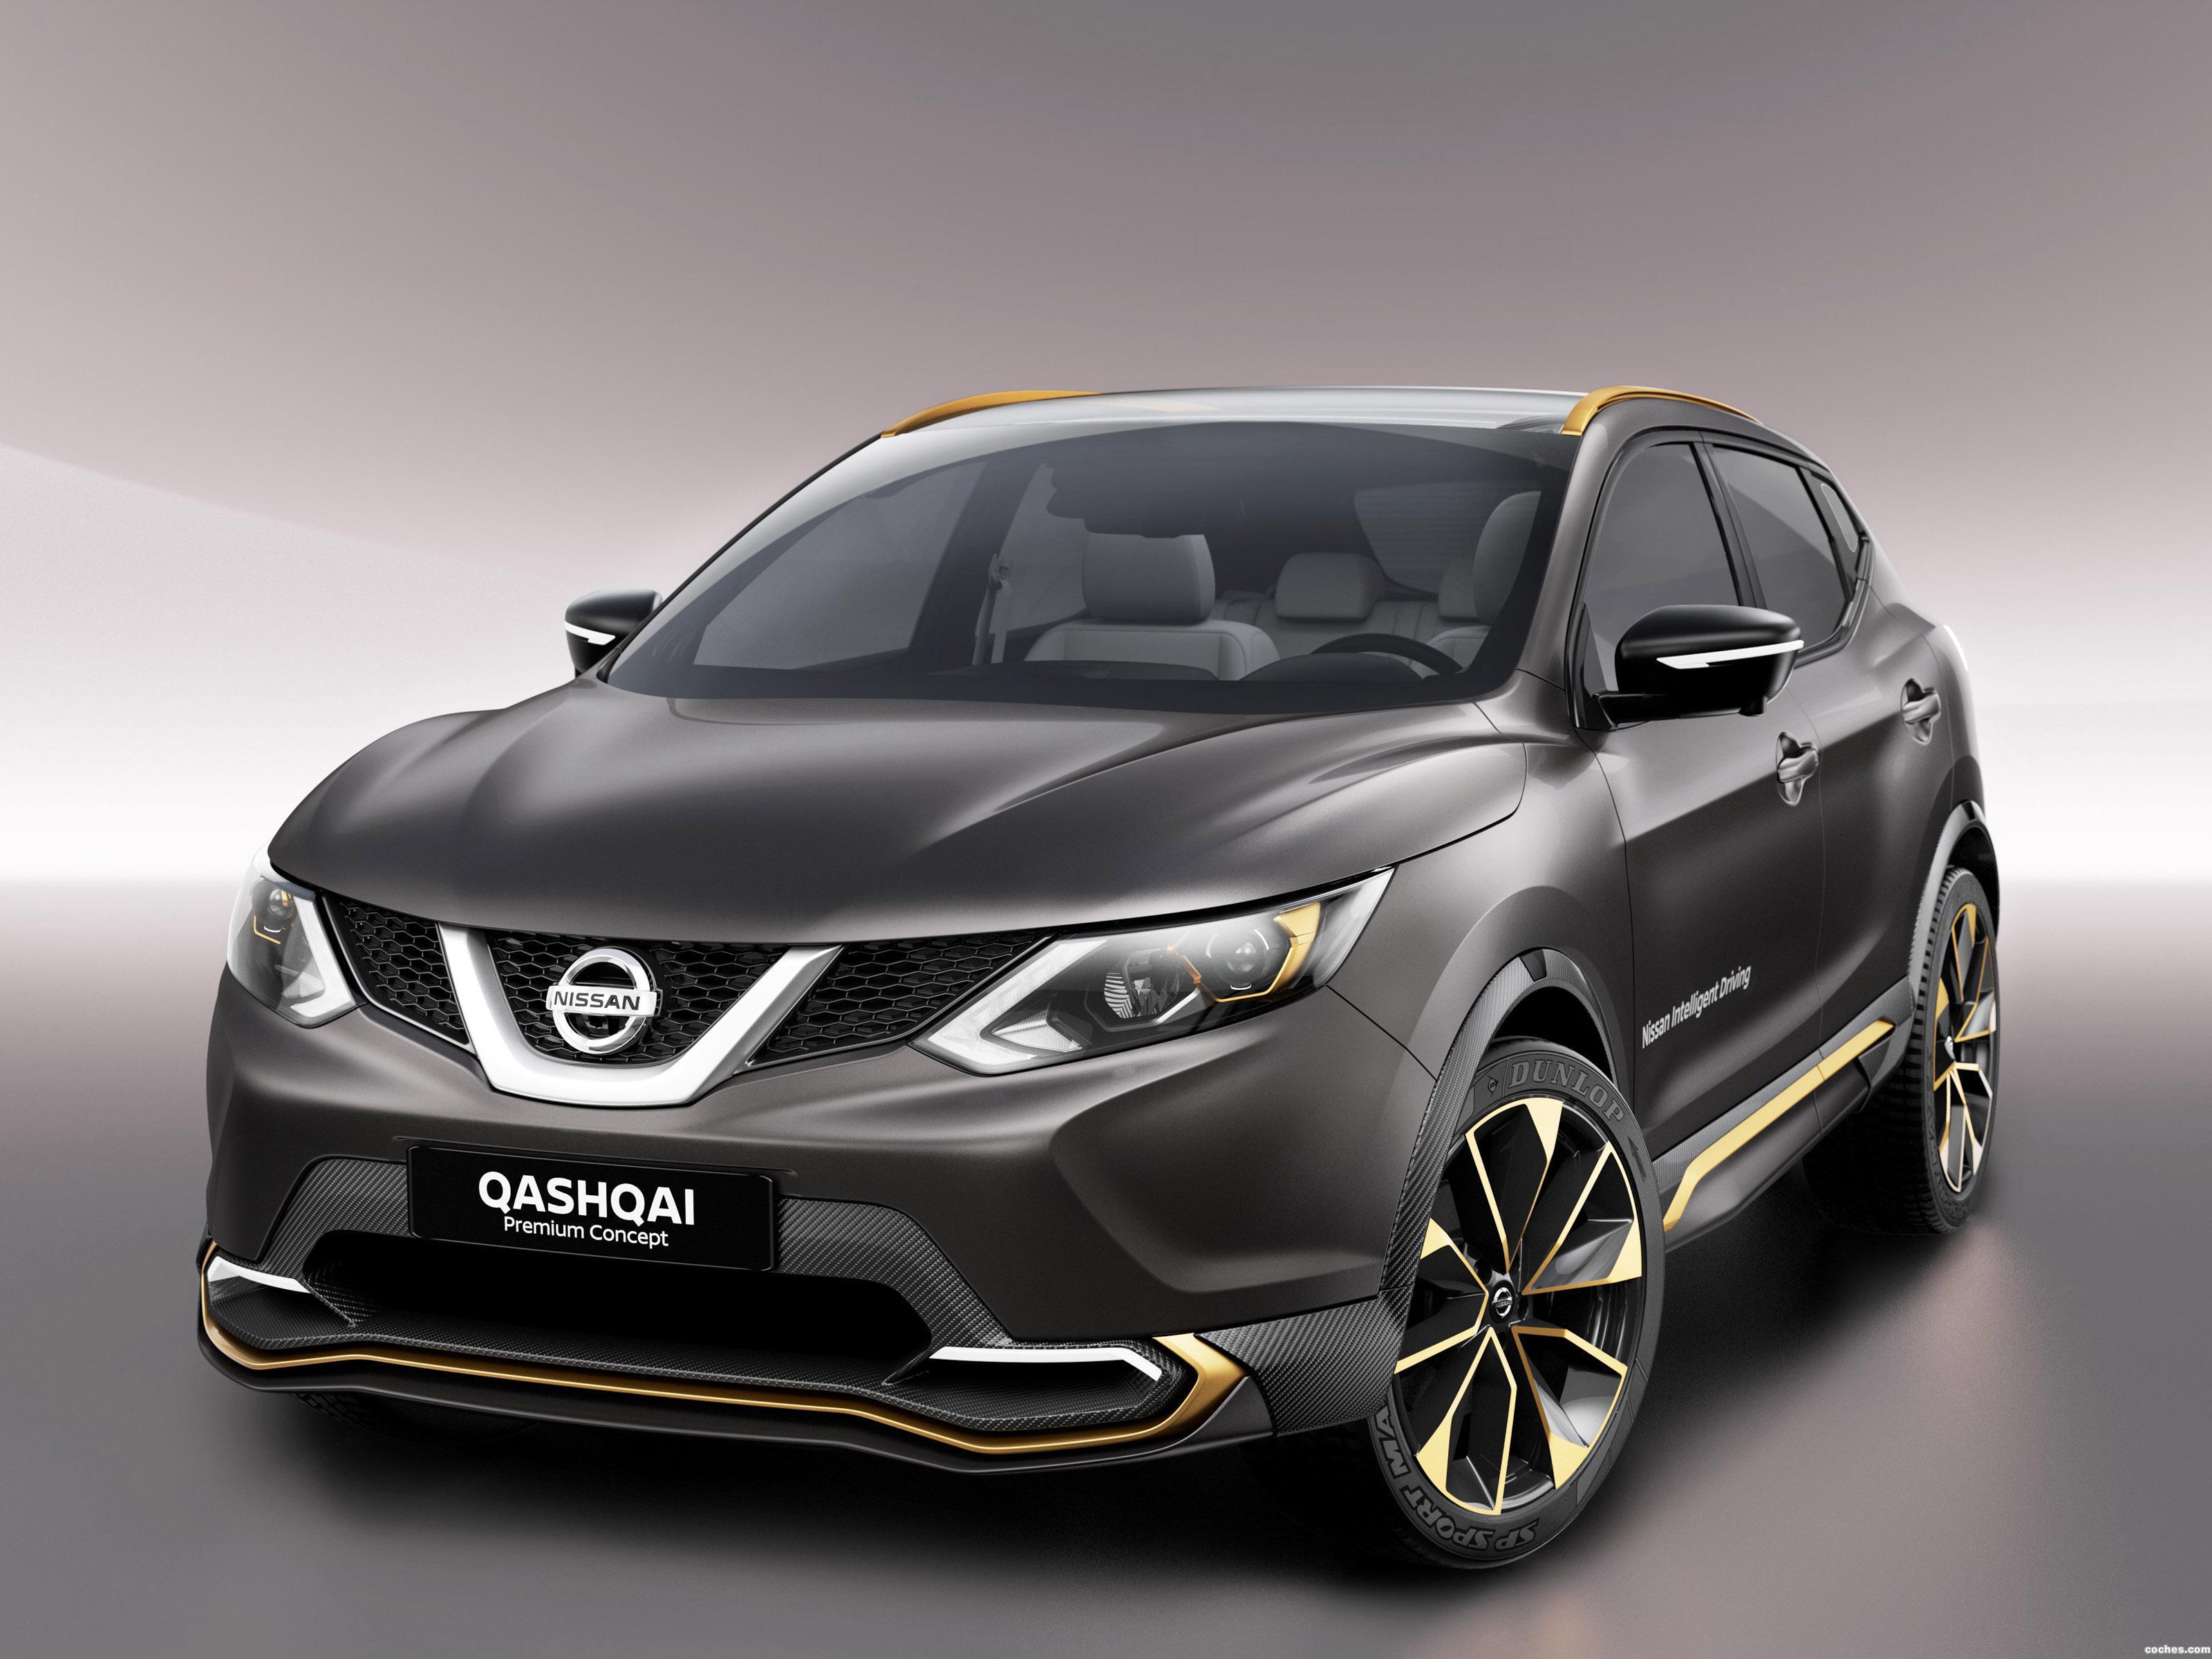 Foto 0 de Nissan Qashqai Premium Concept 2016